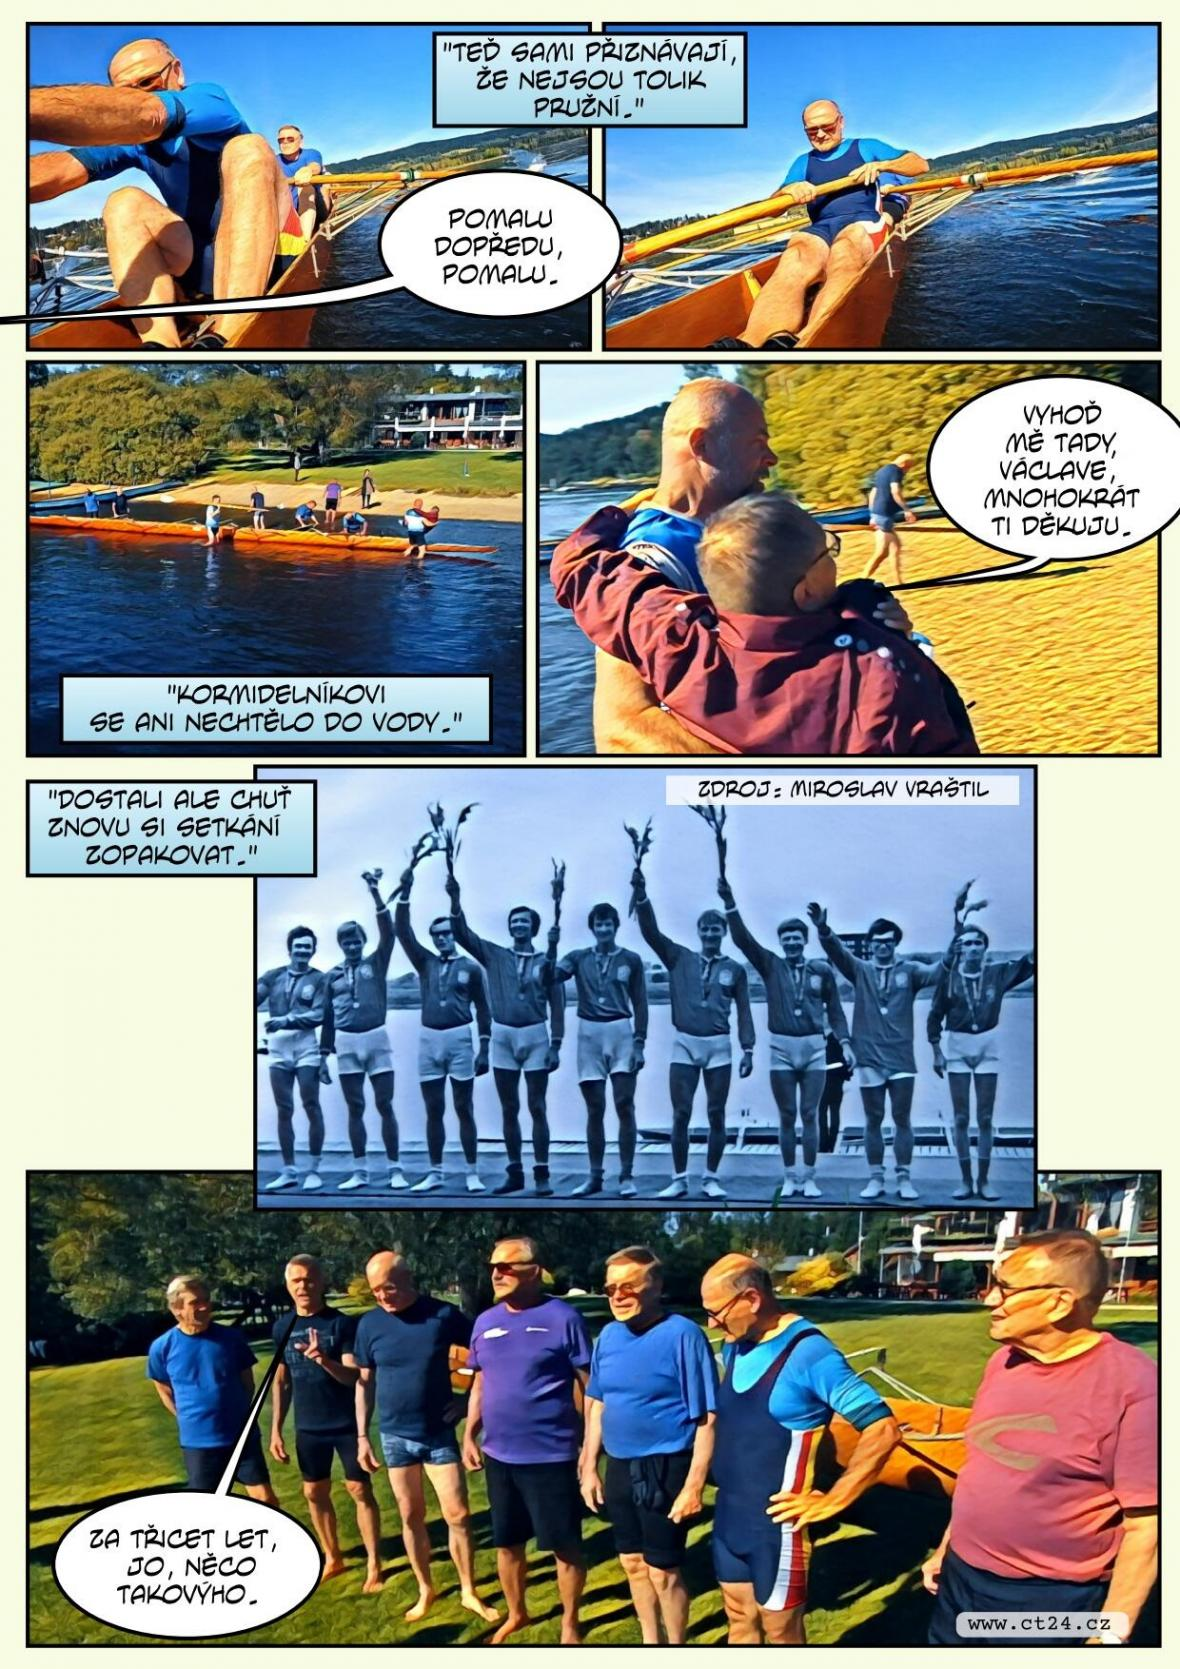 Jako zamlada. Bývalí veslaři se po půl století projeli na lodi, ve které se stali vicemistry Evropy